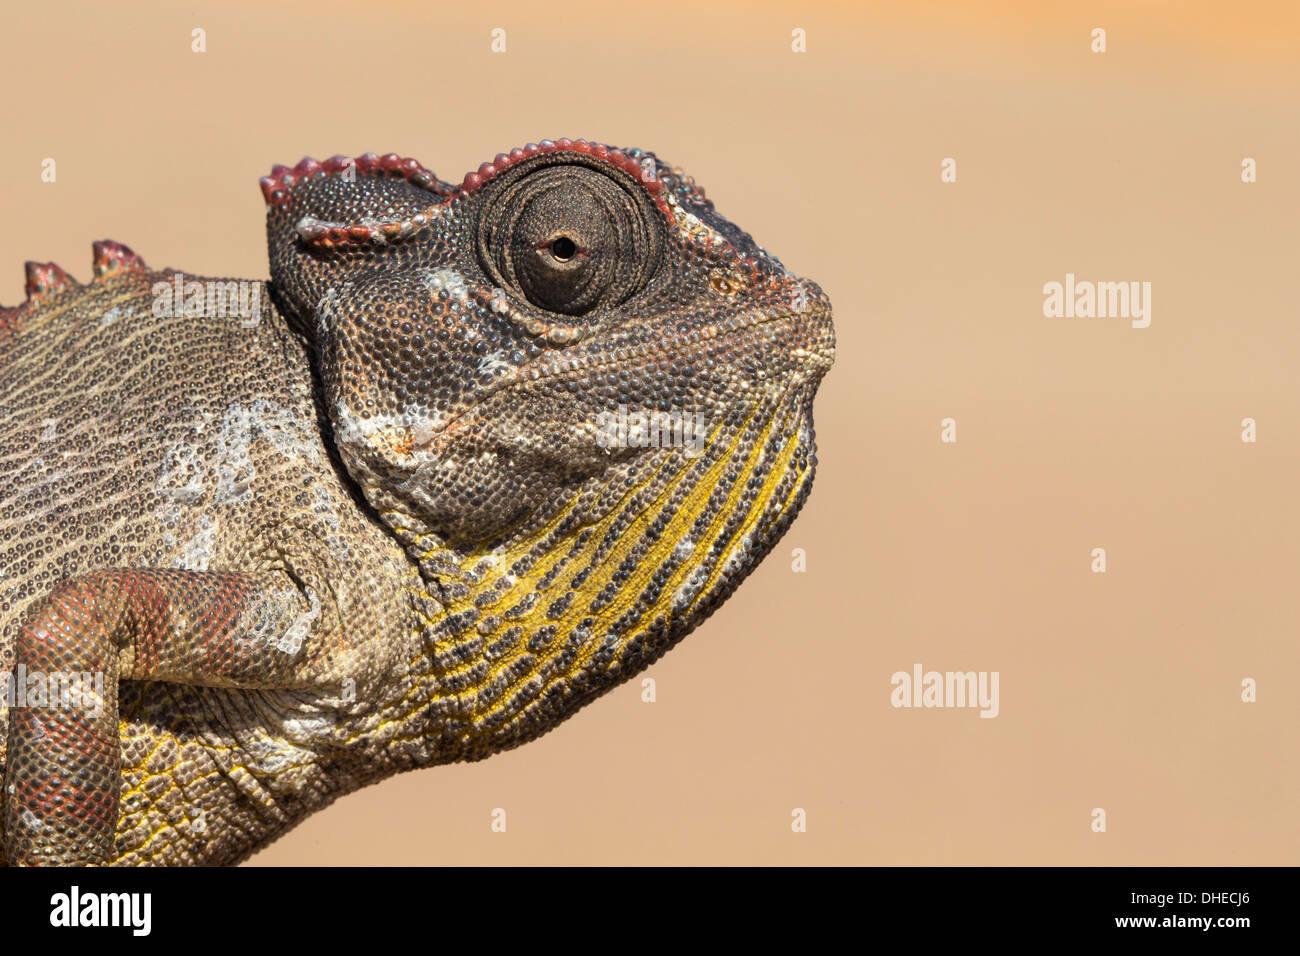 Namaqua chameleon (Chamaeleo namaquensis), Namib Desert, Namibia, Africa - Stock Image